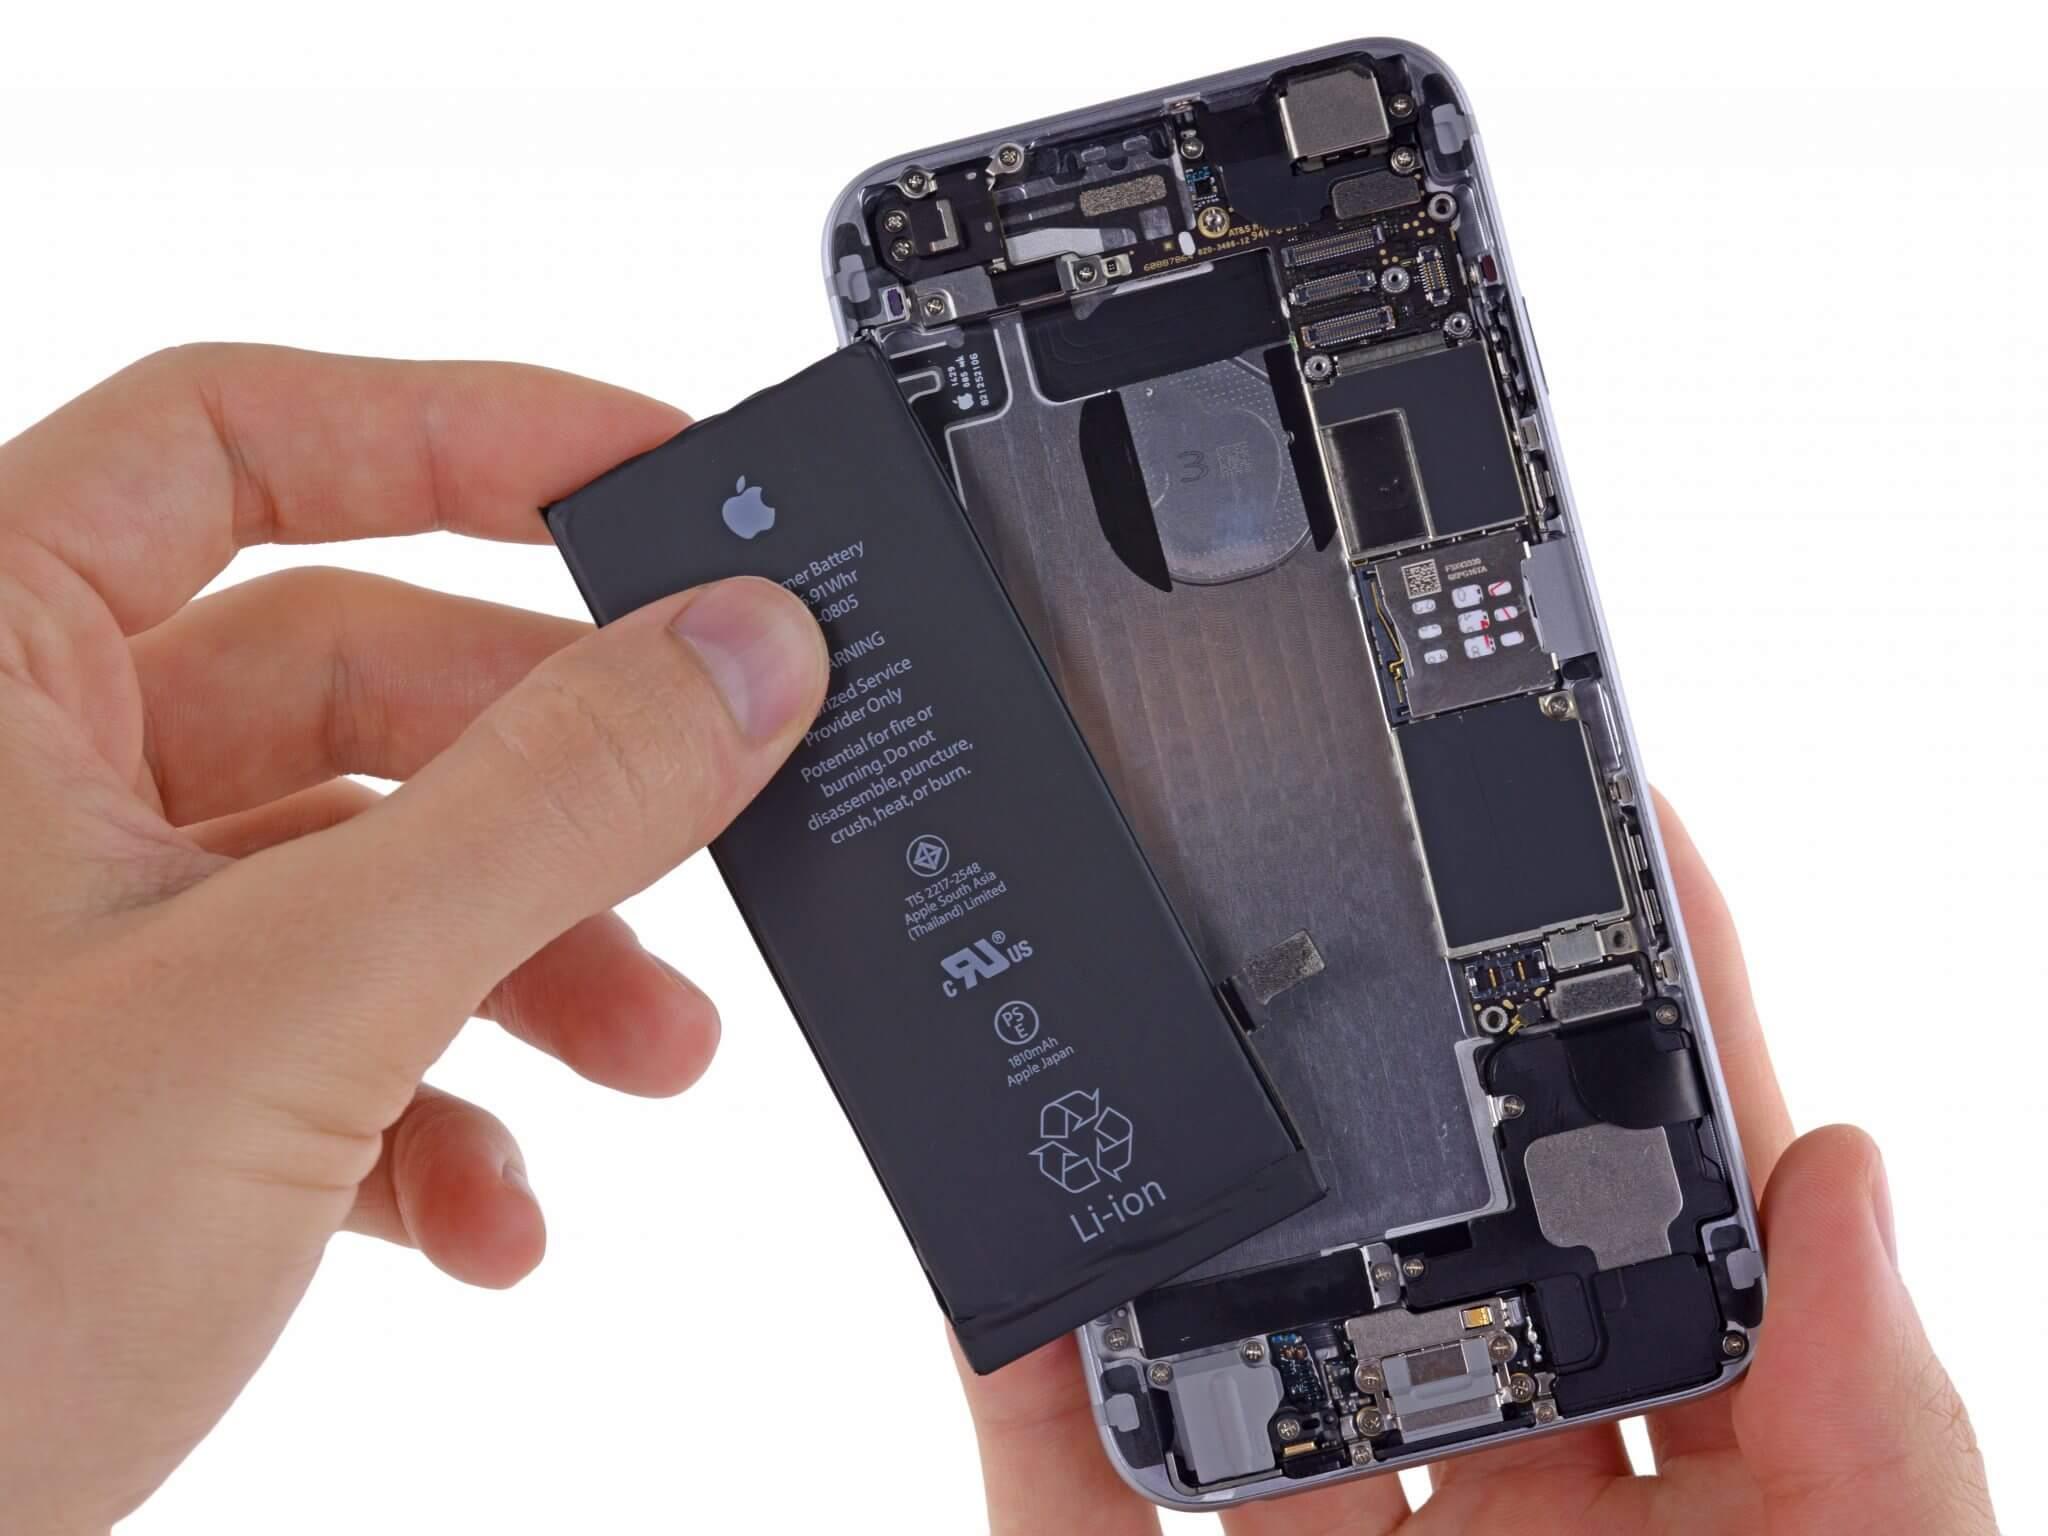 Processo exige quase US$ 1 trilhão da Apple por obsolescência programada